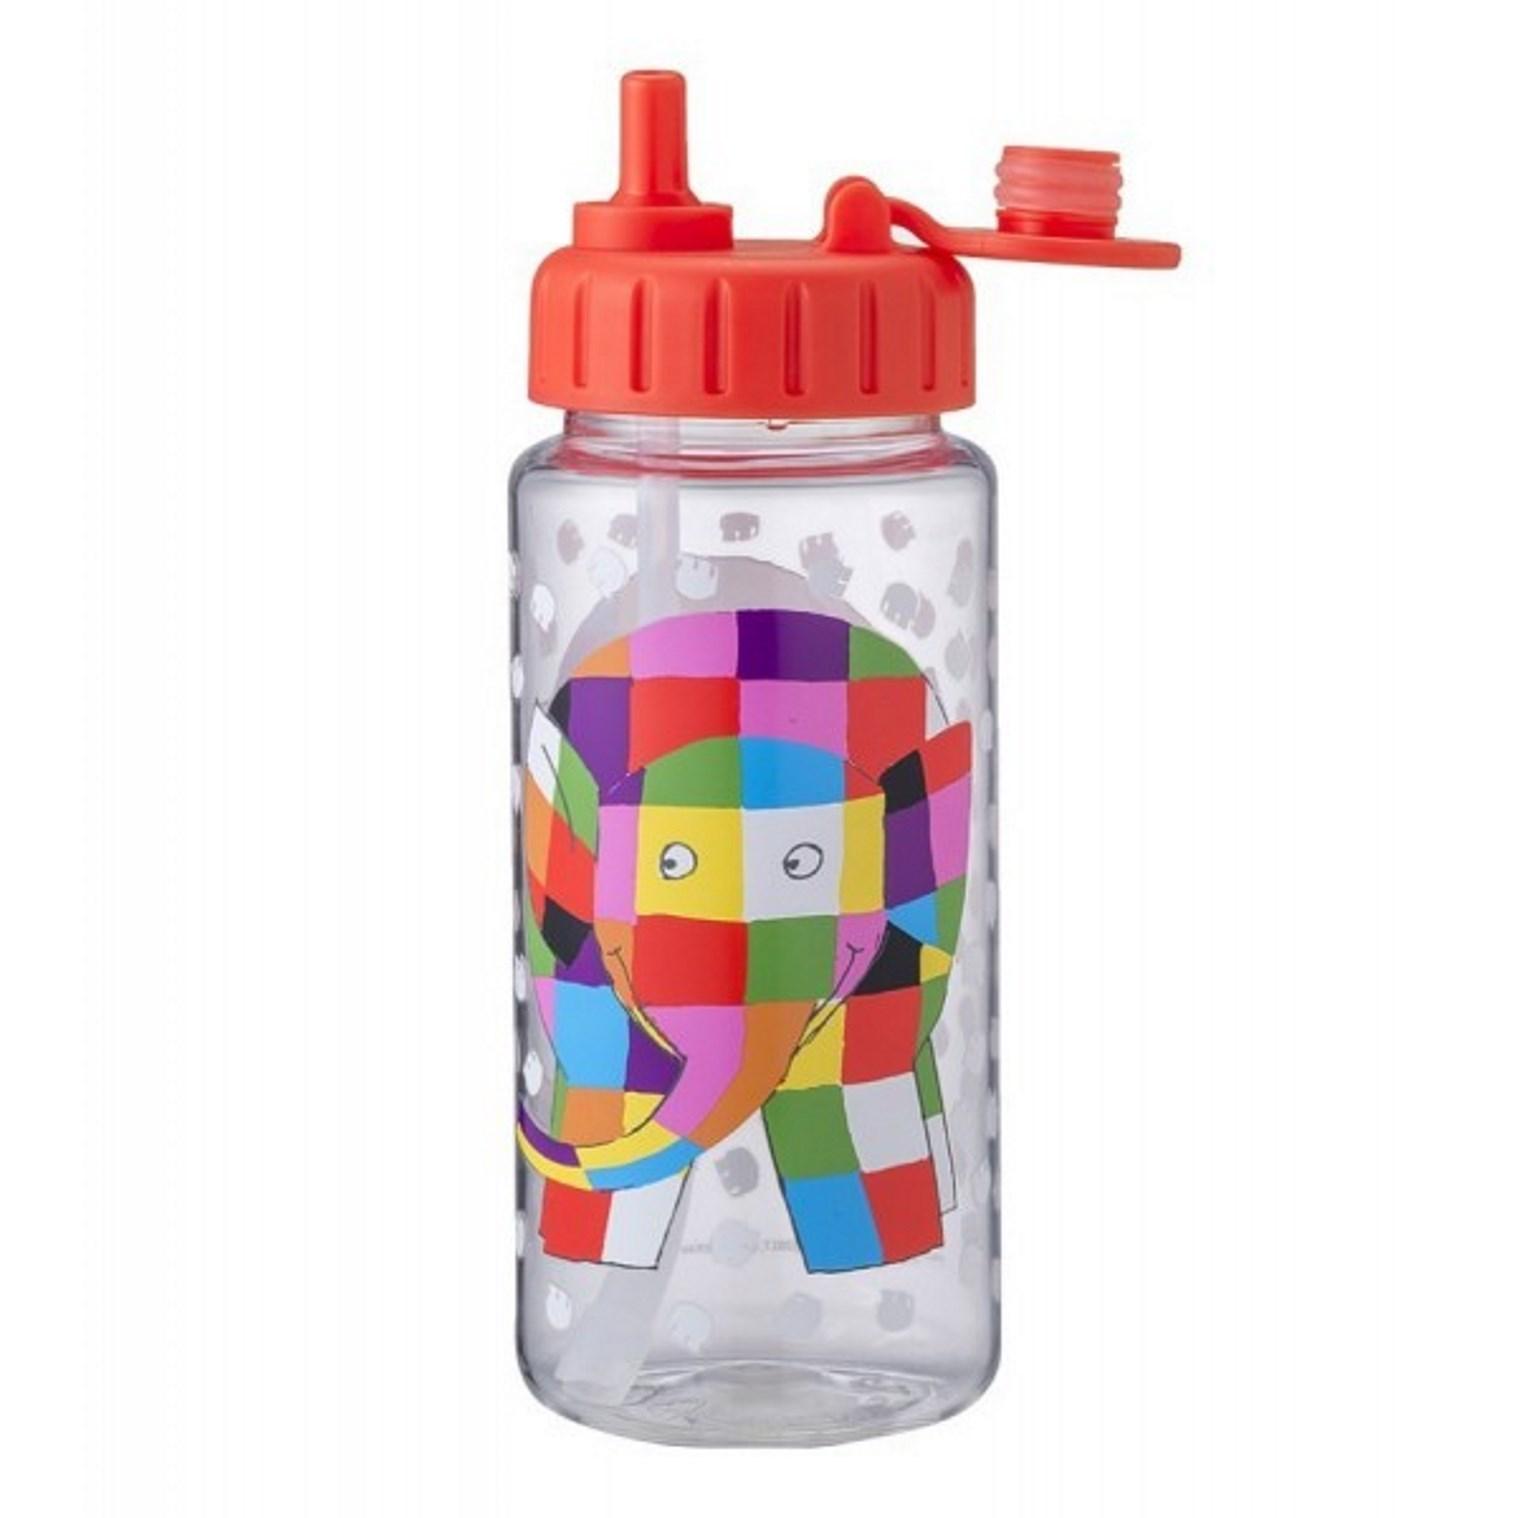 """Онлайн каталог PROMENU: Бутылка для воды """"Слоник"""" Maison Petit Jour ELMER, объем 0,35 л, прозрачный Petit Jour Paris EL900K"""